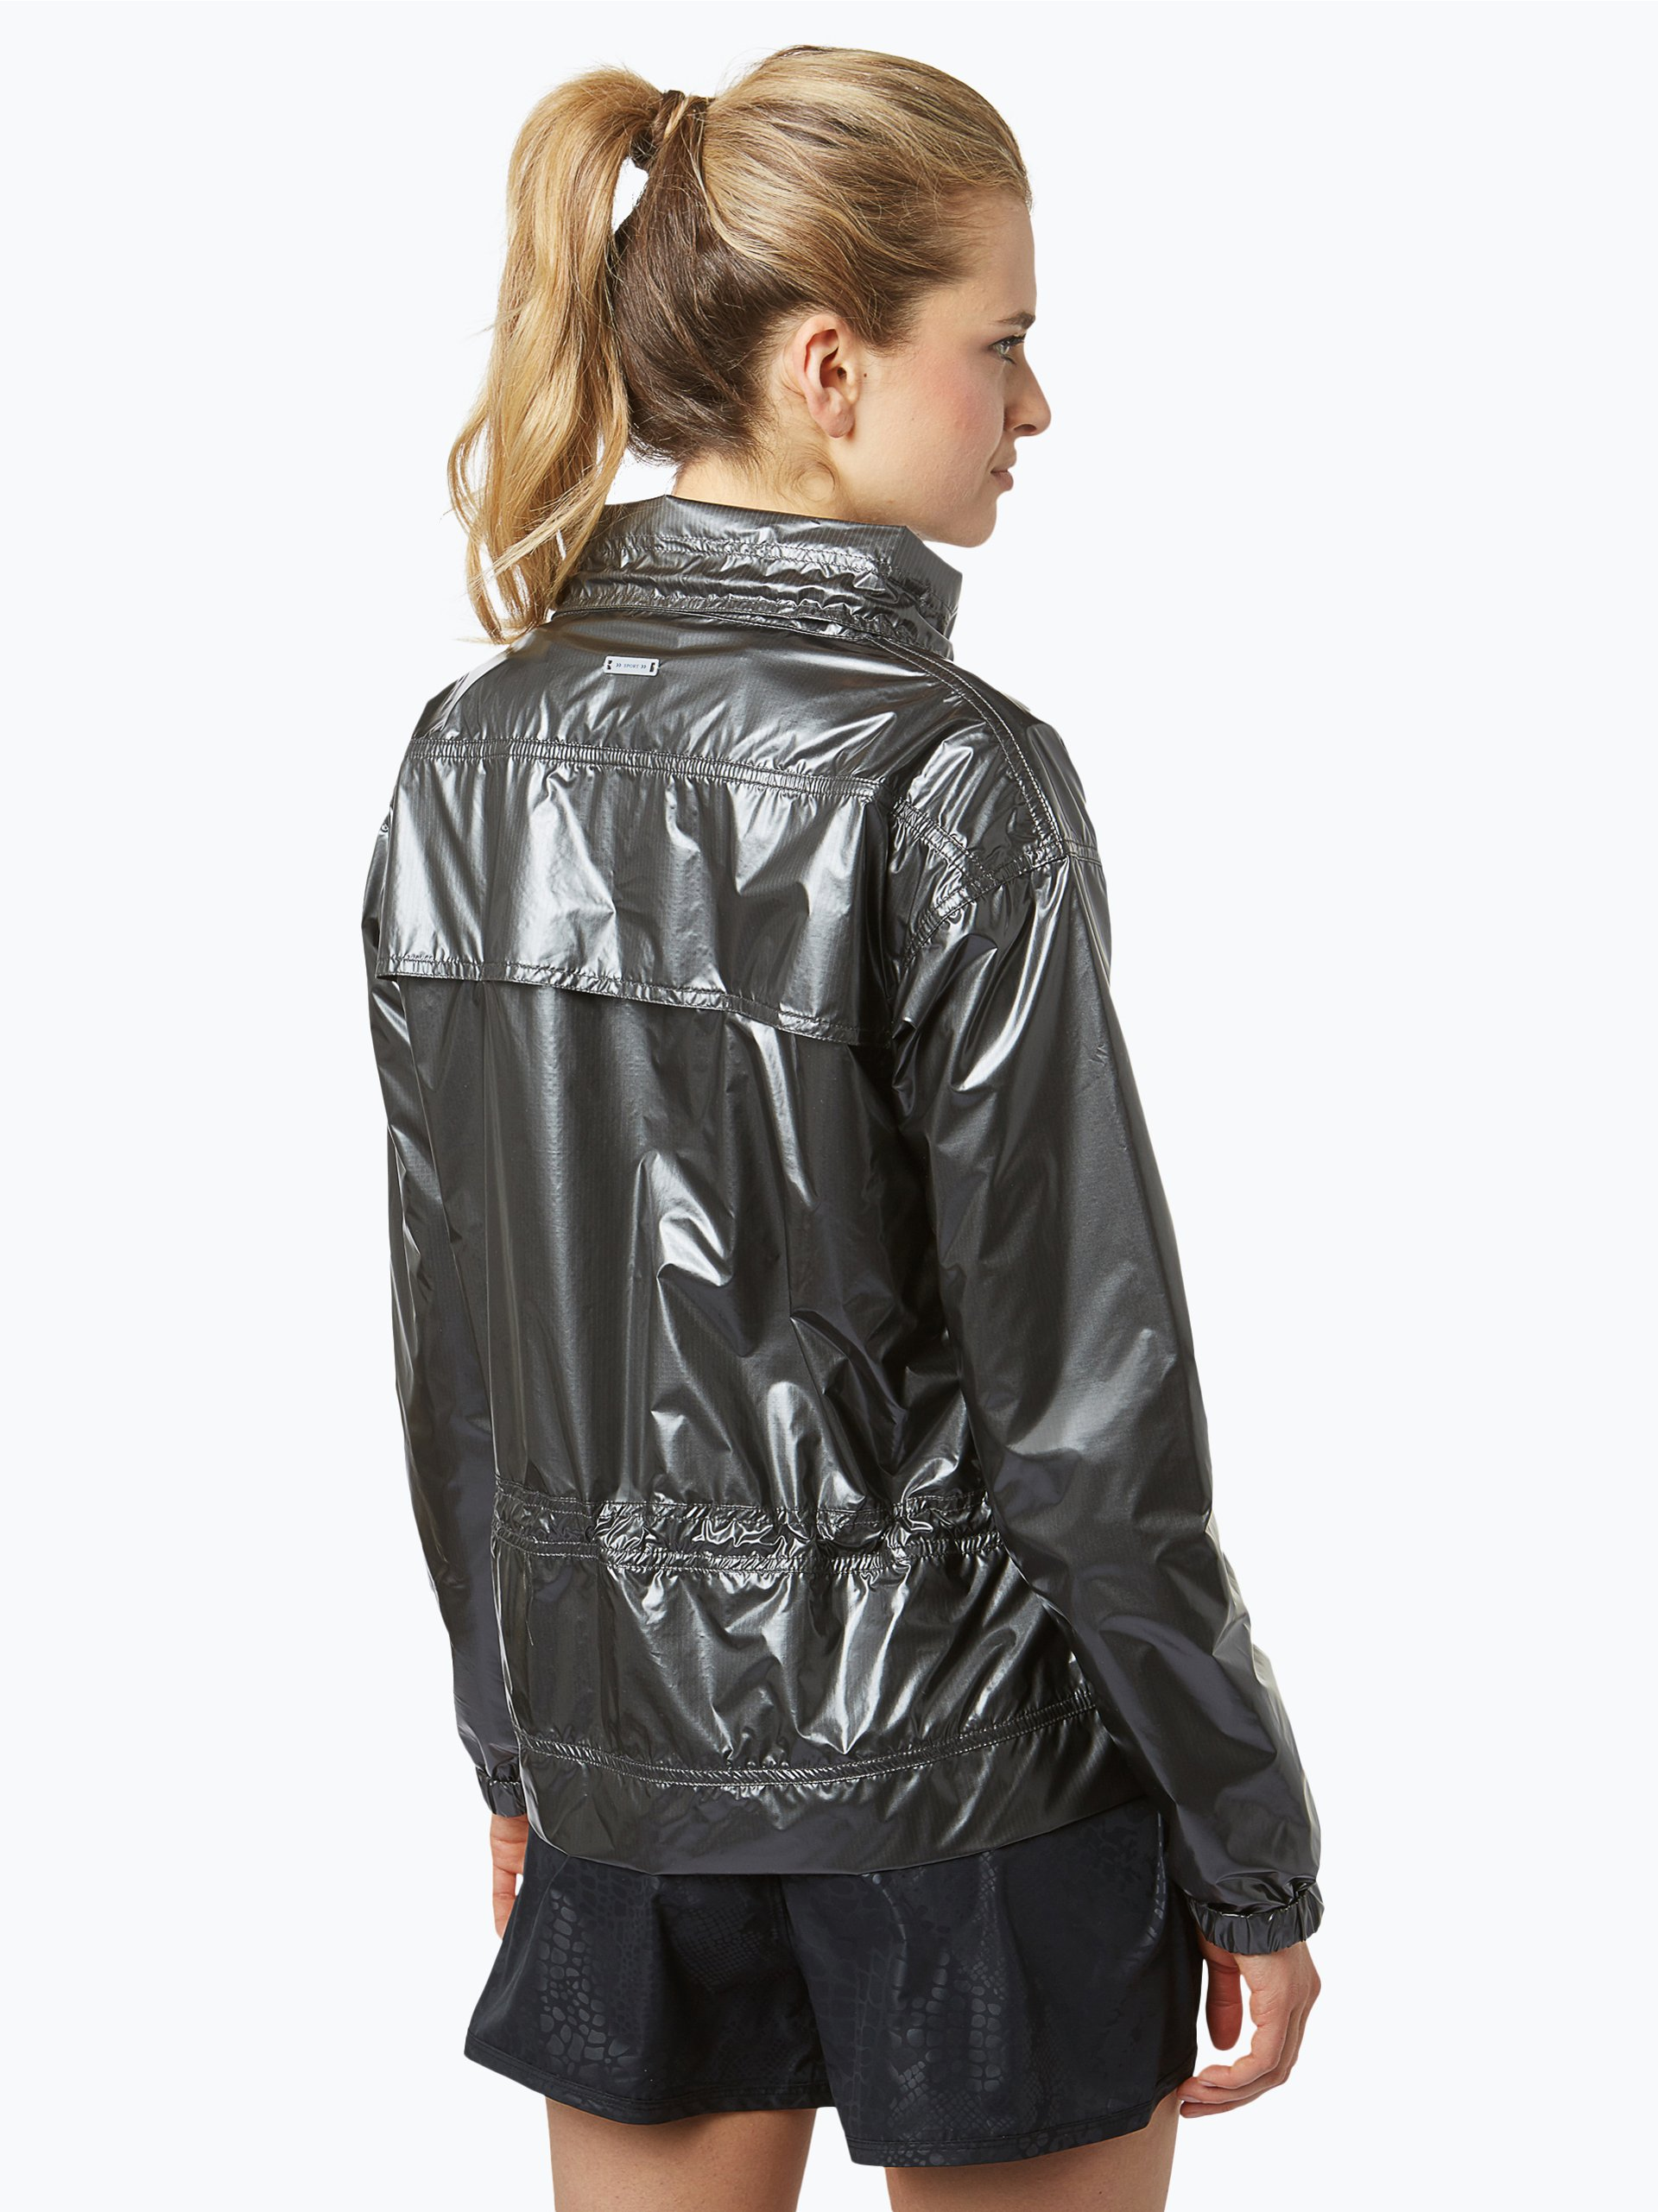 Marie Lund Sport Damen Sportswear Jacke - Sport